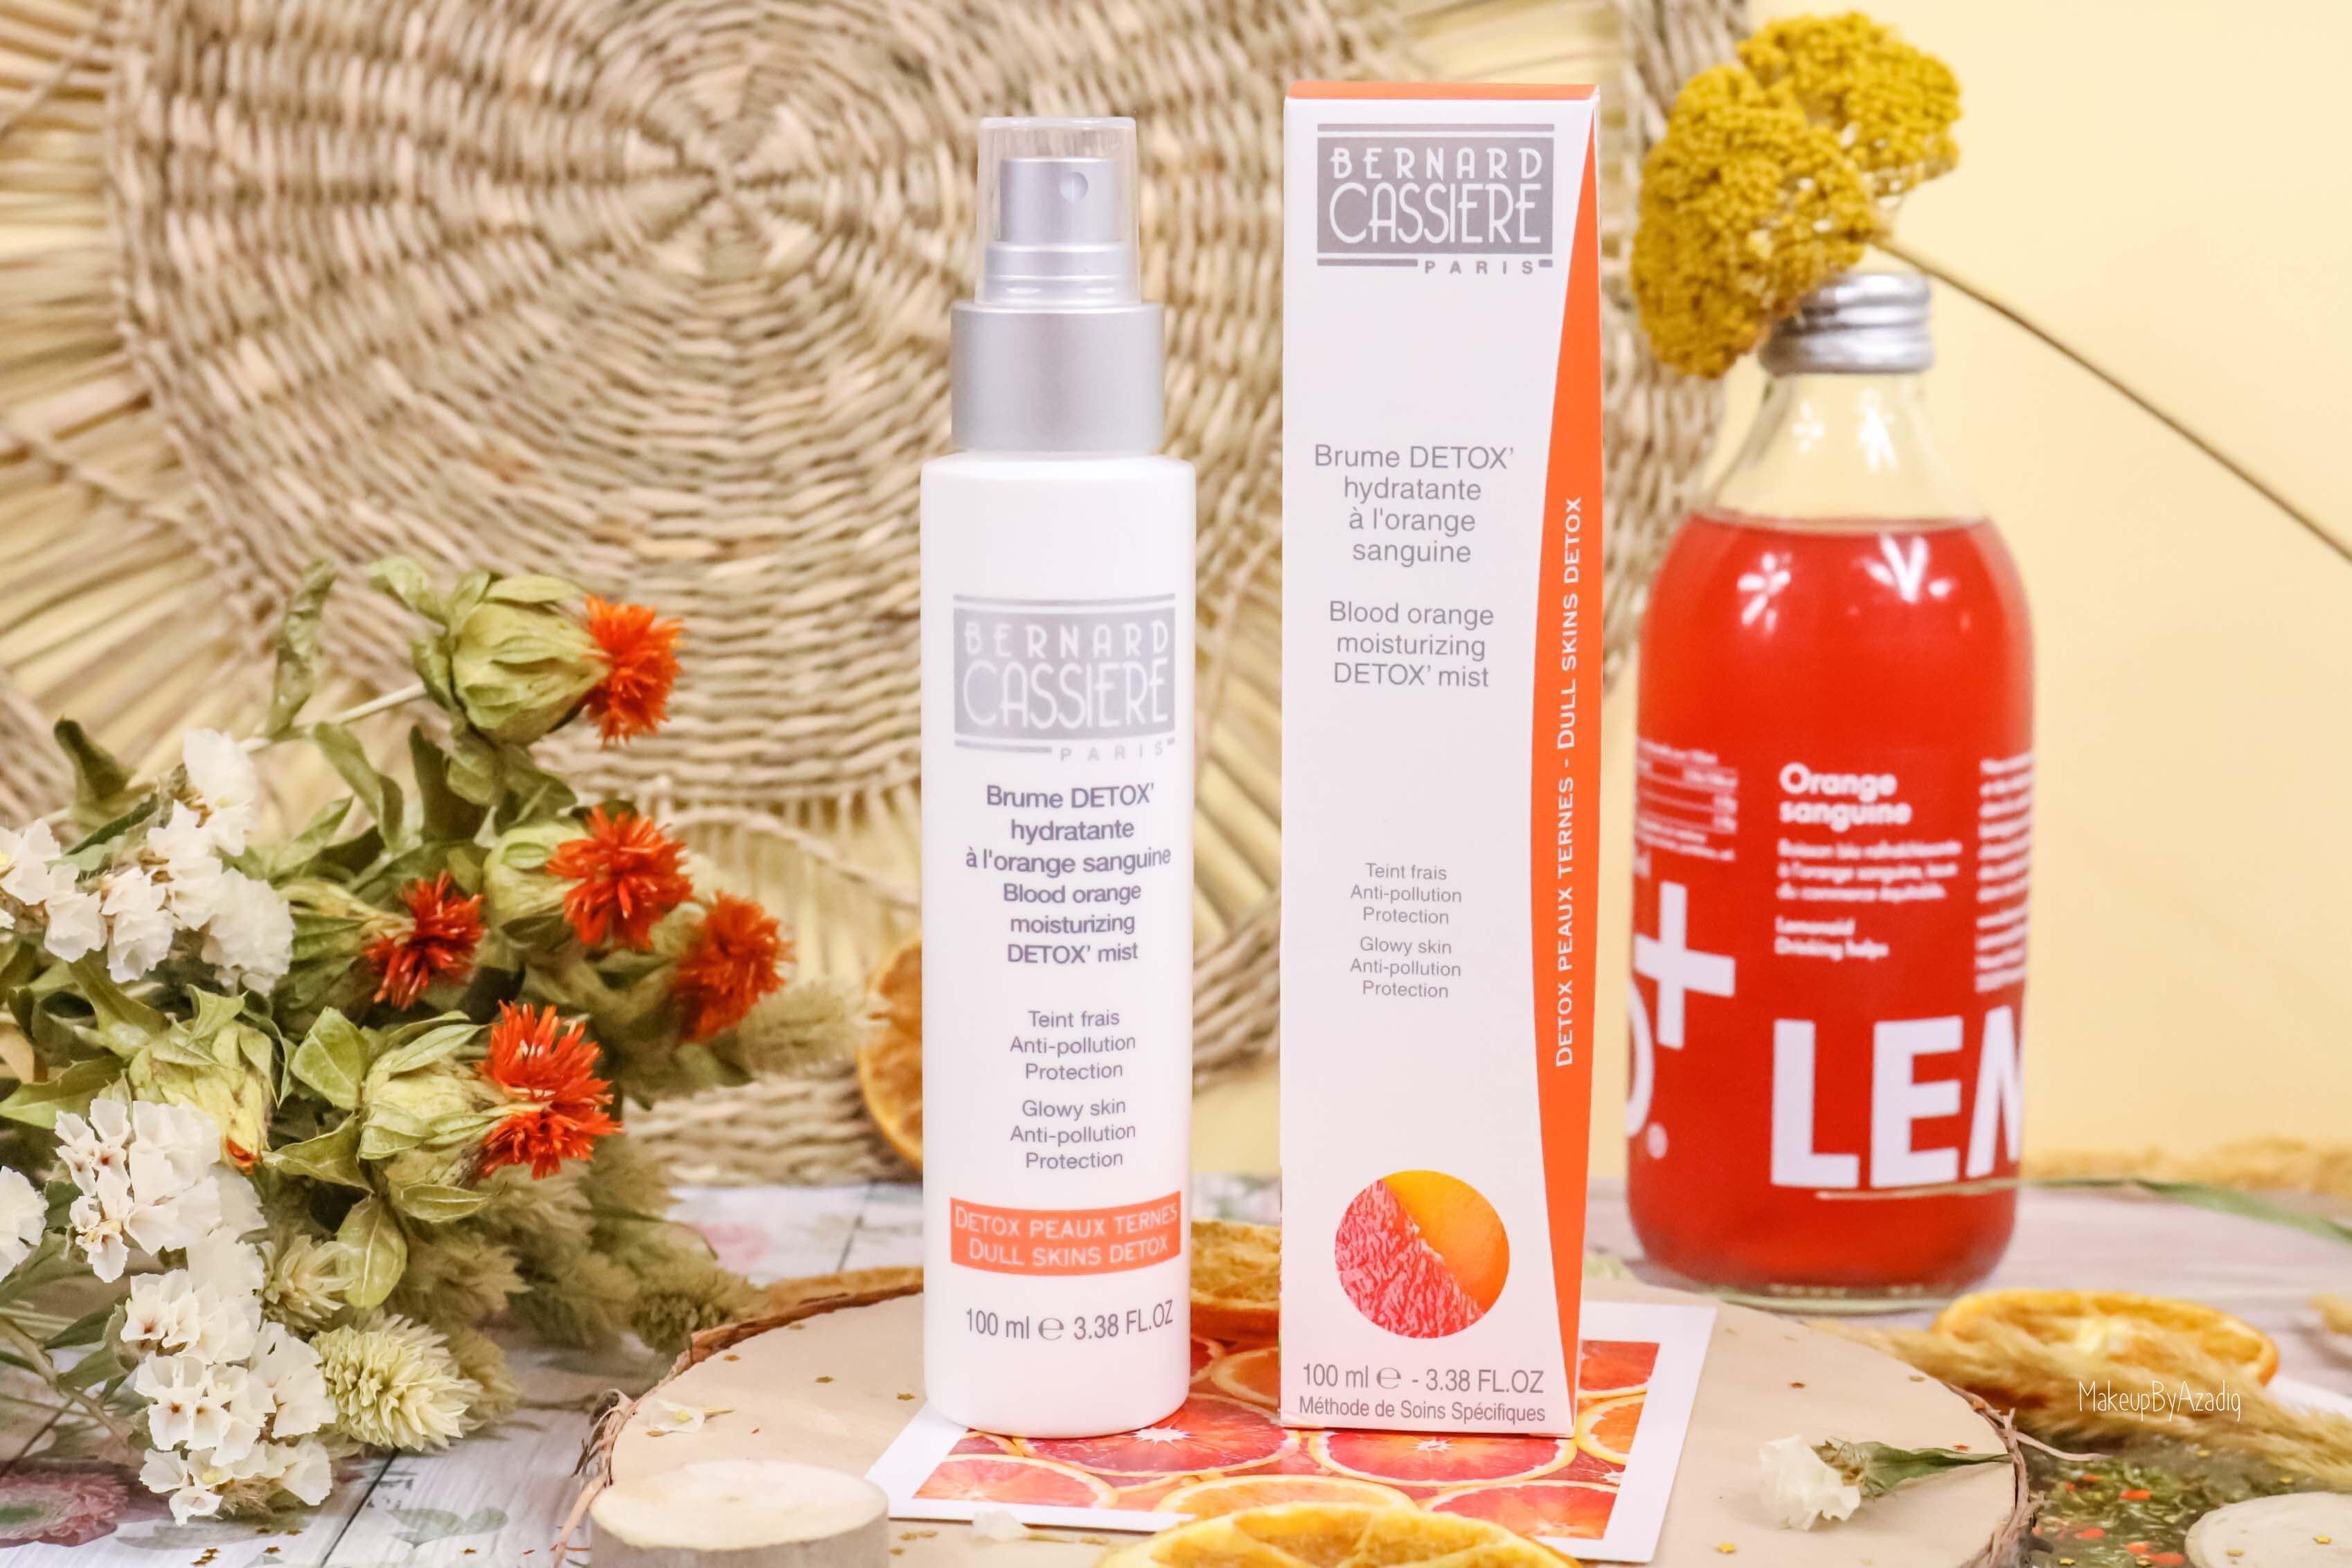 revue-produits-bernard-cassiere-bio-detox-orange-sanguine-masque-paris-institut-concentre-nuit-avis-prix-soin-makeupbyazadig-brume